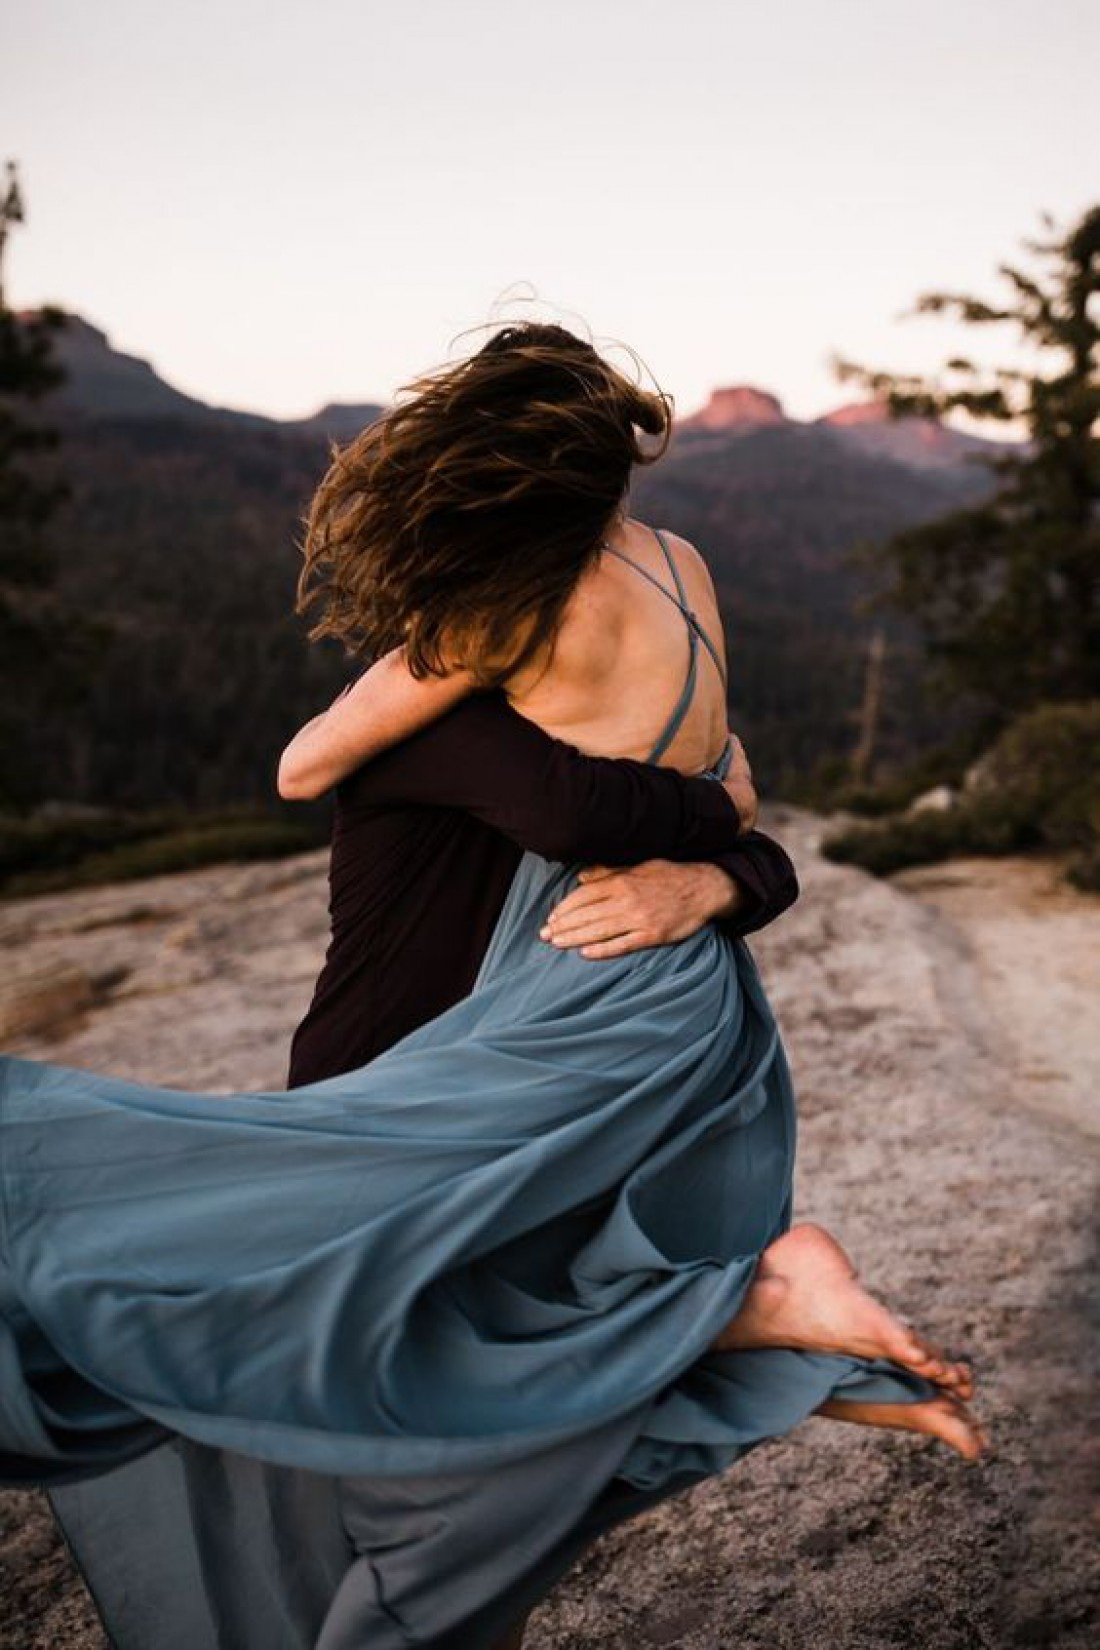 ТОП-5 верных способов определить хорошего любовника